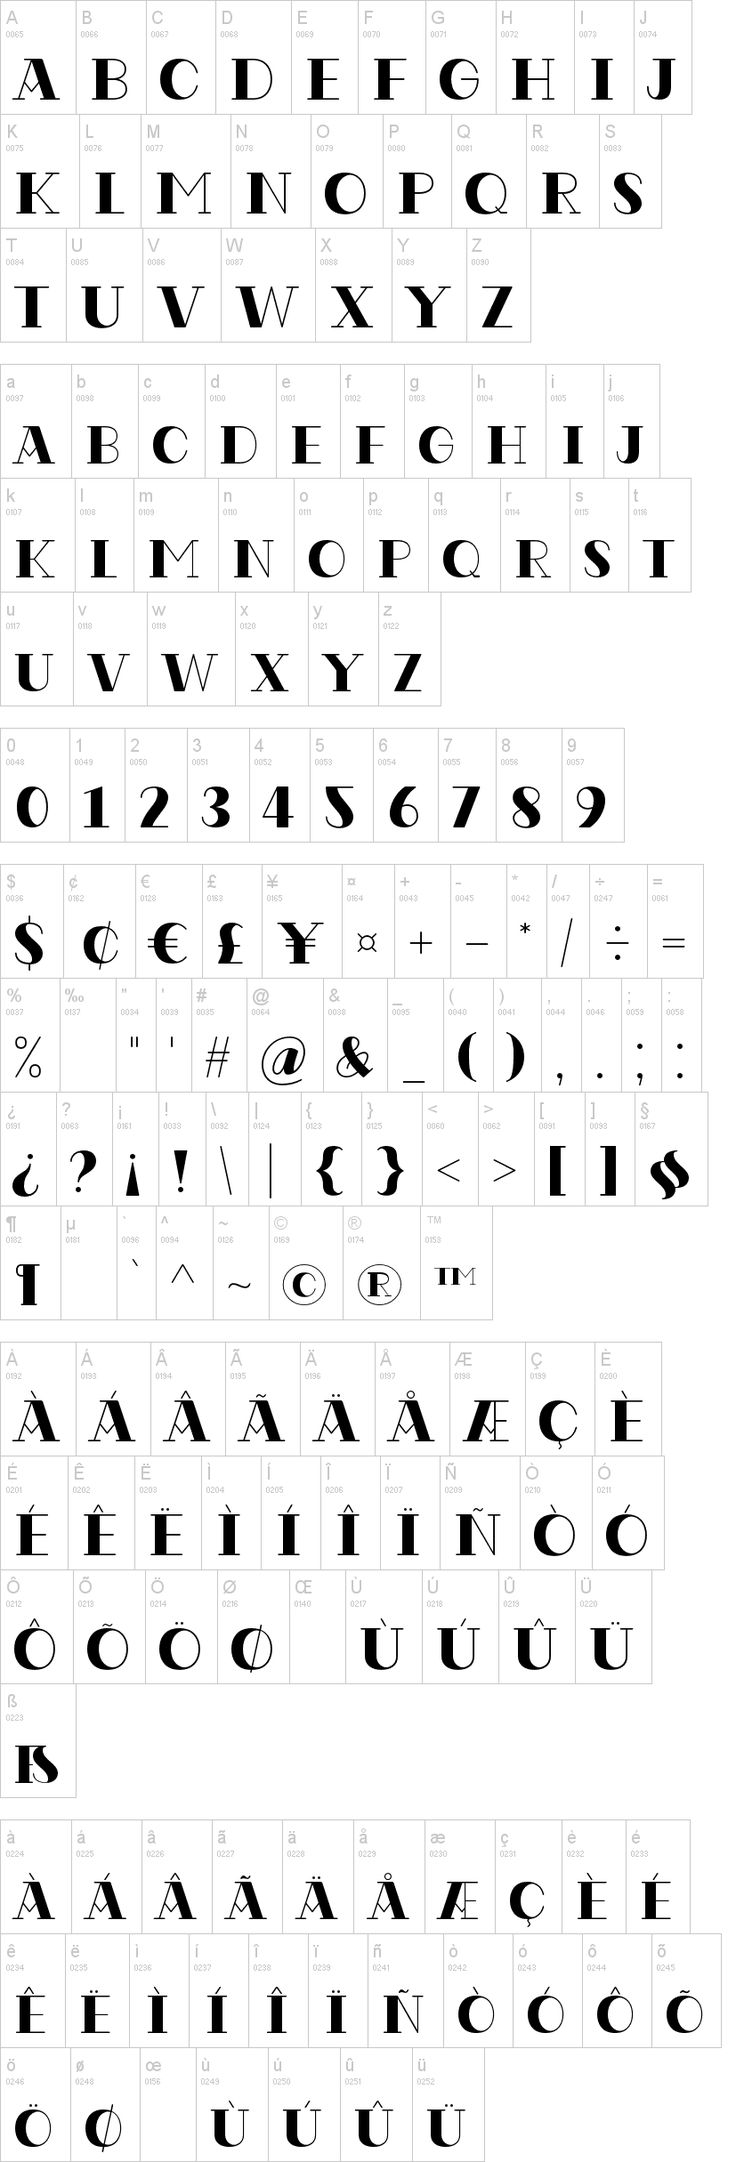 Codian October Eight Schriftart | dafont.com in 2020 ...